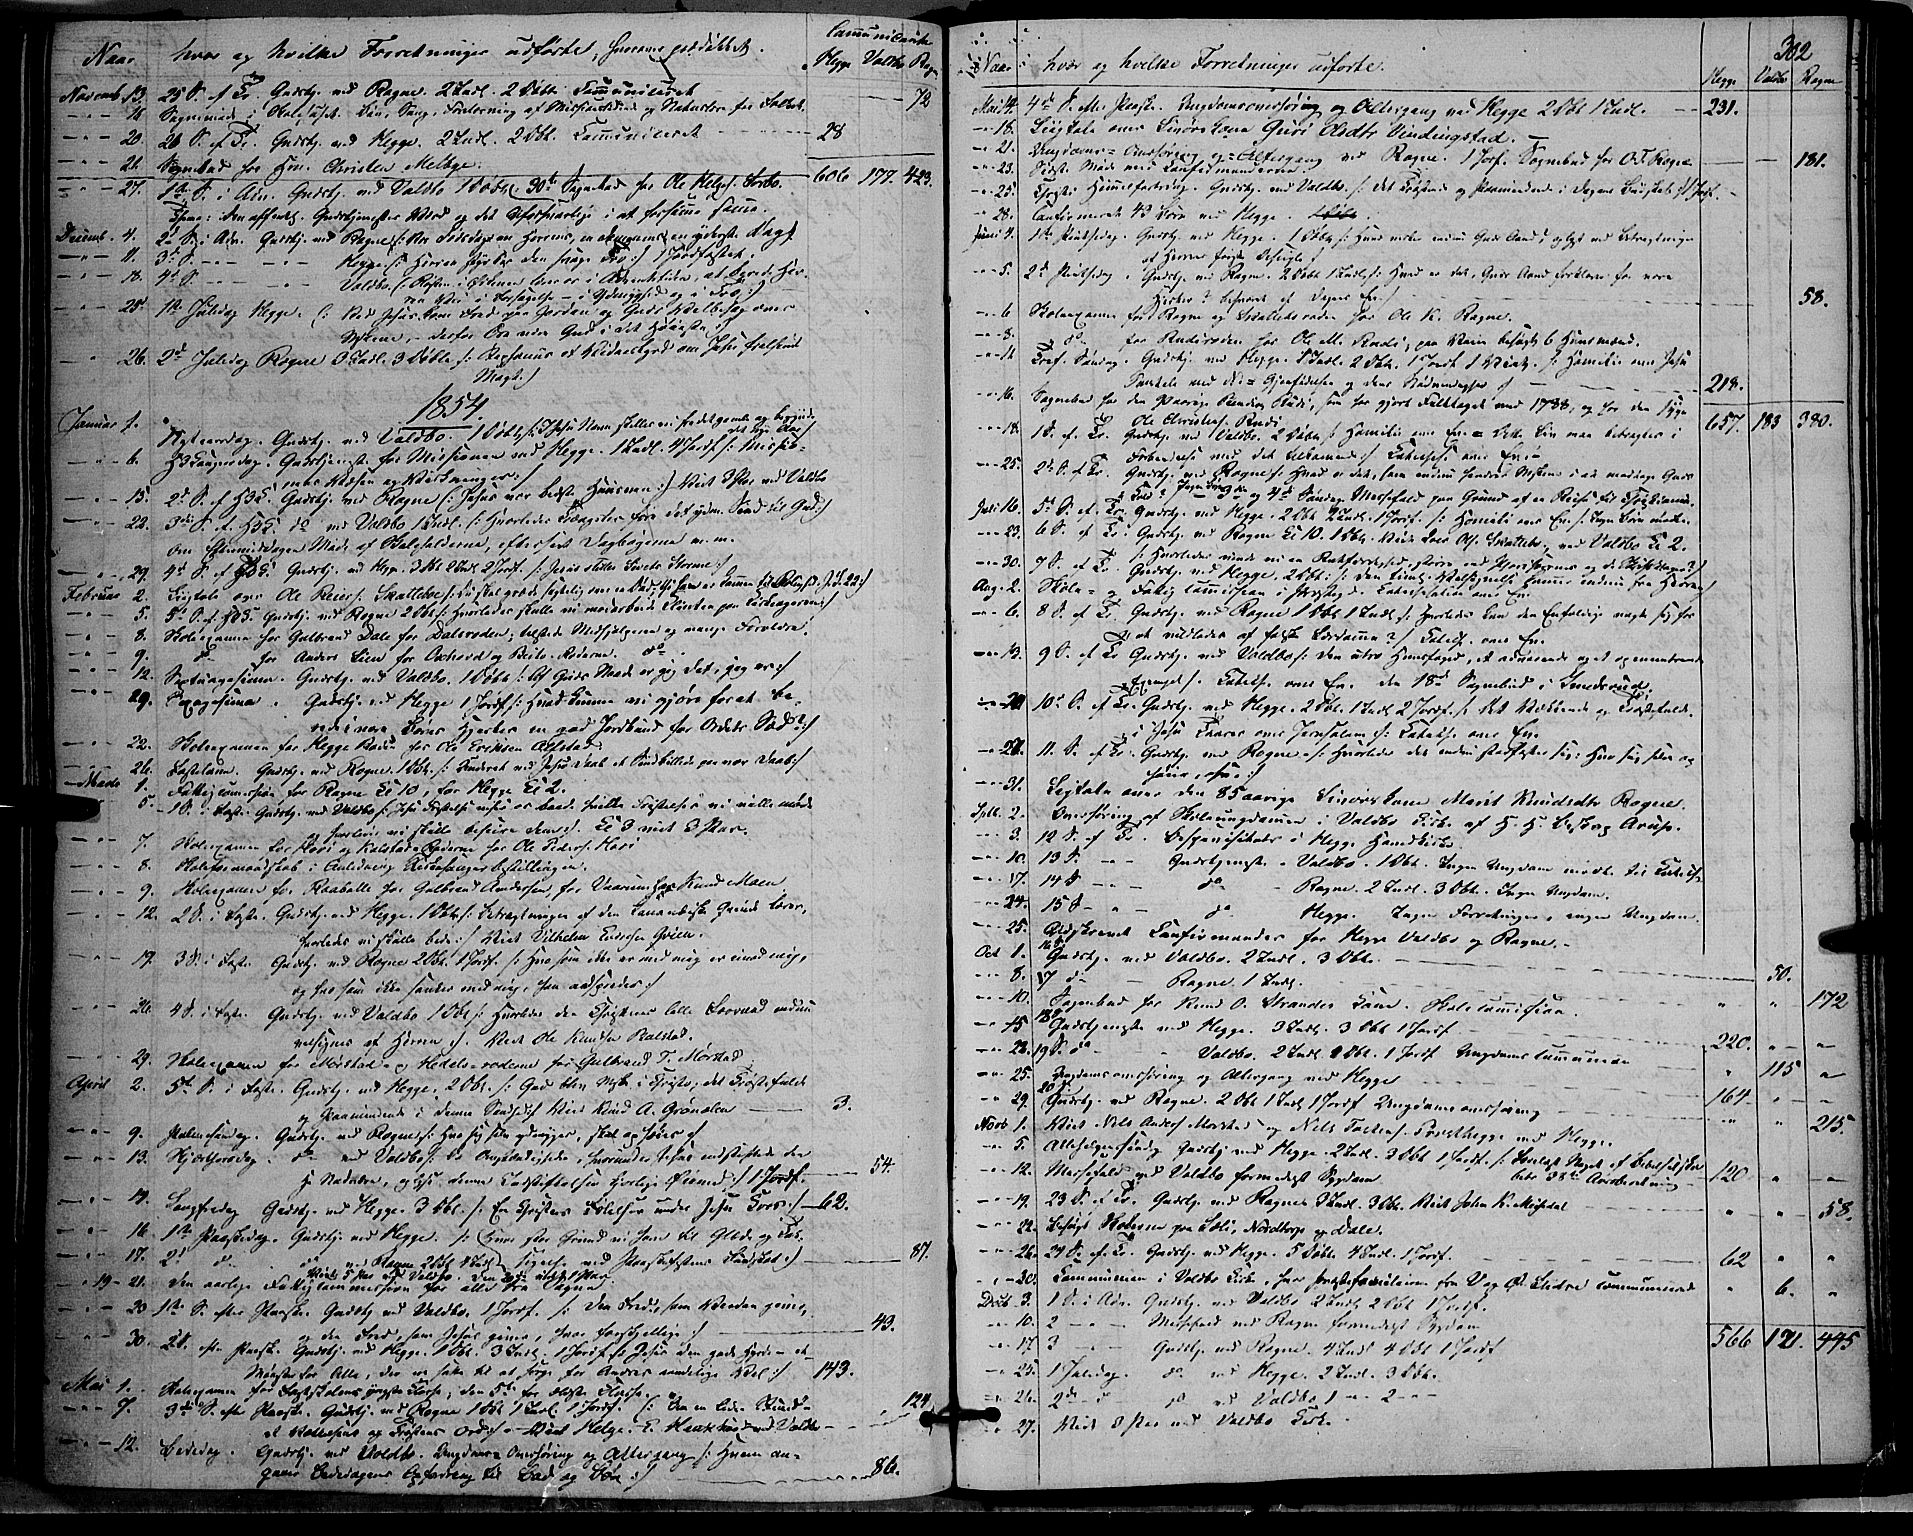 SAH, Øystre Slidre prestekontor, Ministerialbok nr. 1, 1849-1874, s. 302